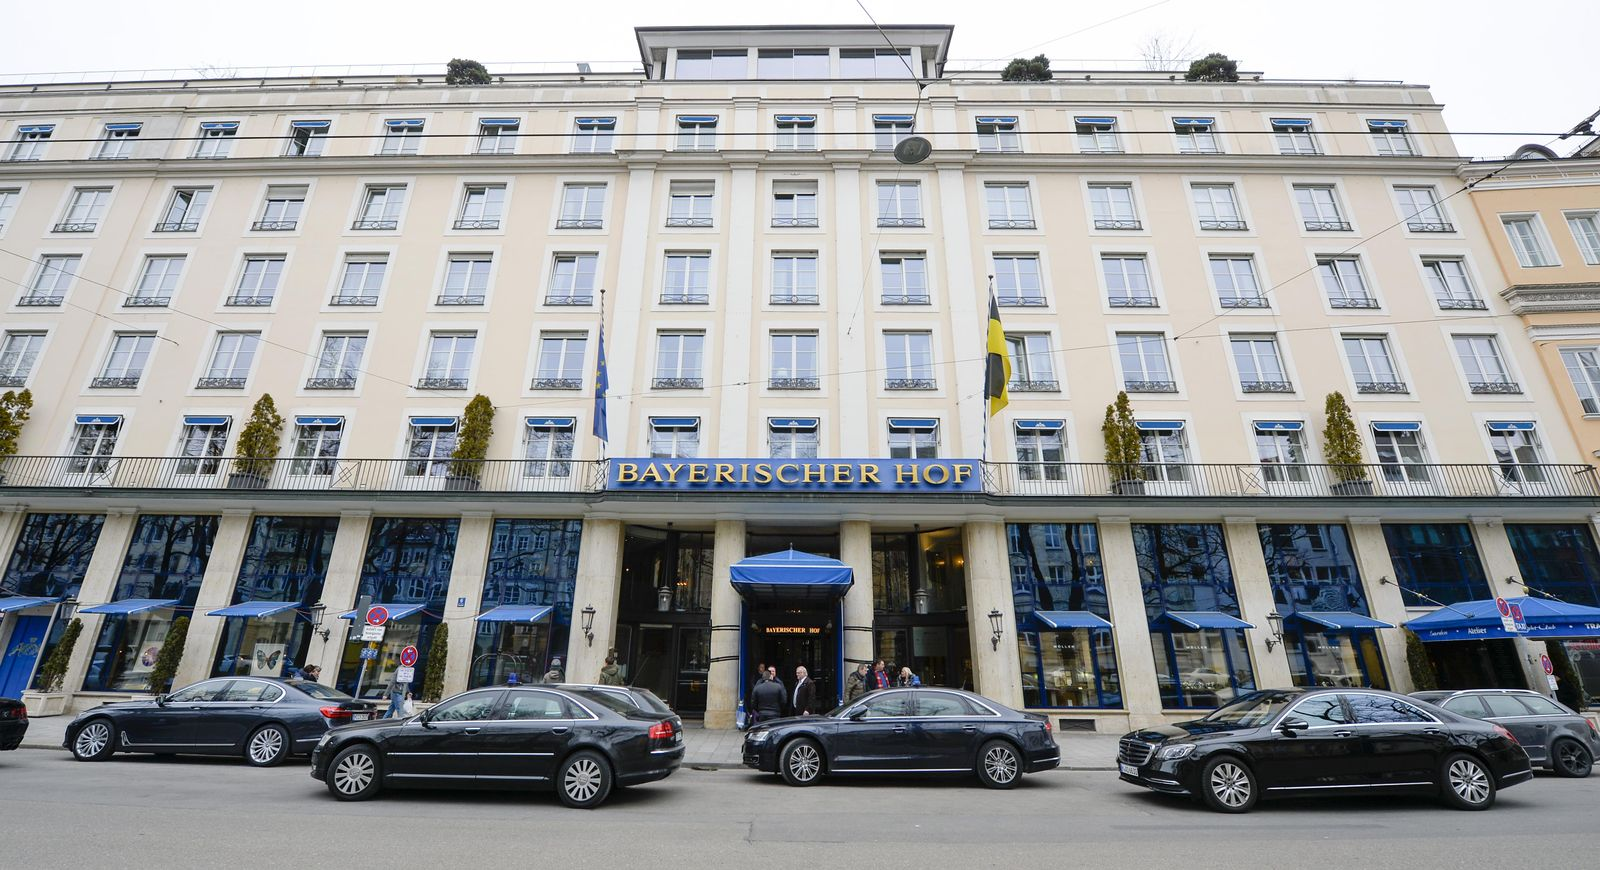 MSC Sicherheitskonferenz Siko Bayerischer Hof